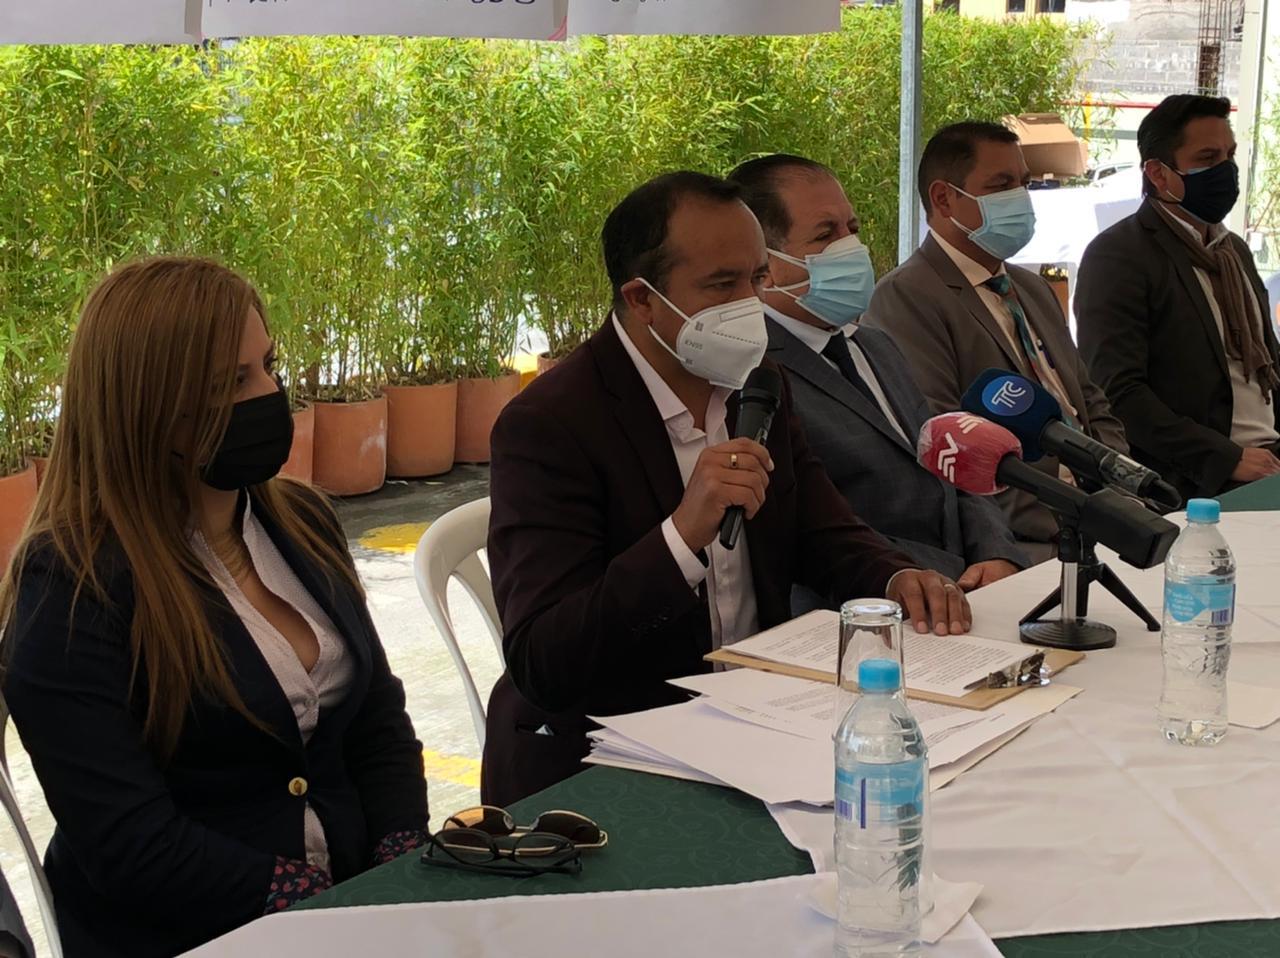 Transportistas de Quito anuncian que suspenderán su servicio el lunes 10 de mayo por el incremento mensual del precio de los combustibles